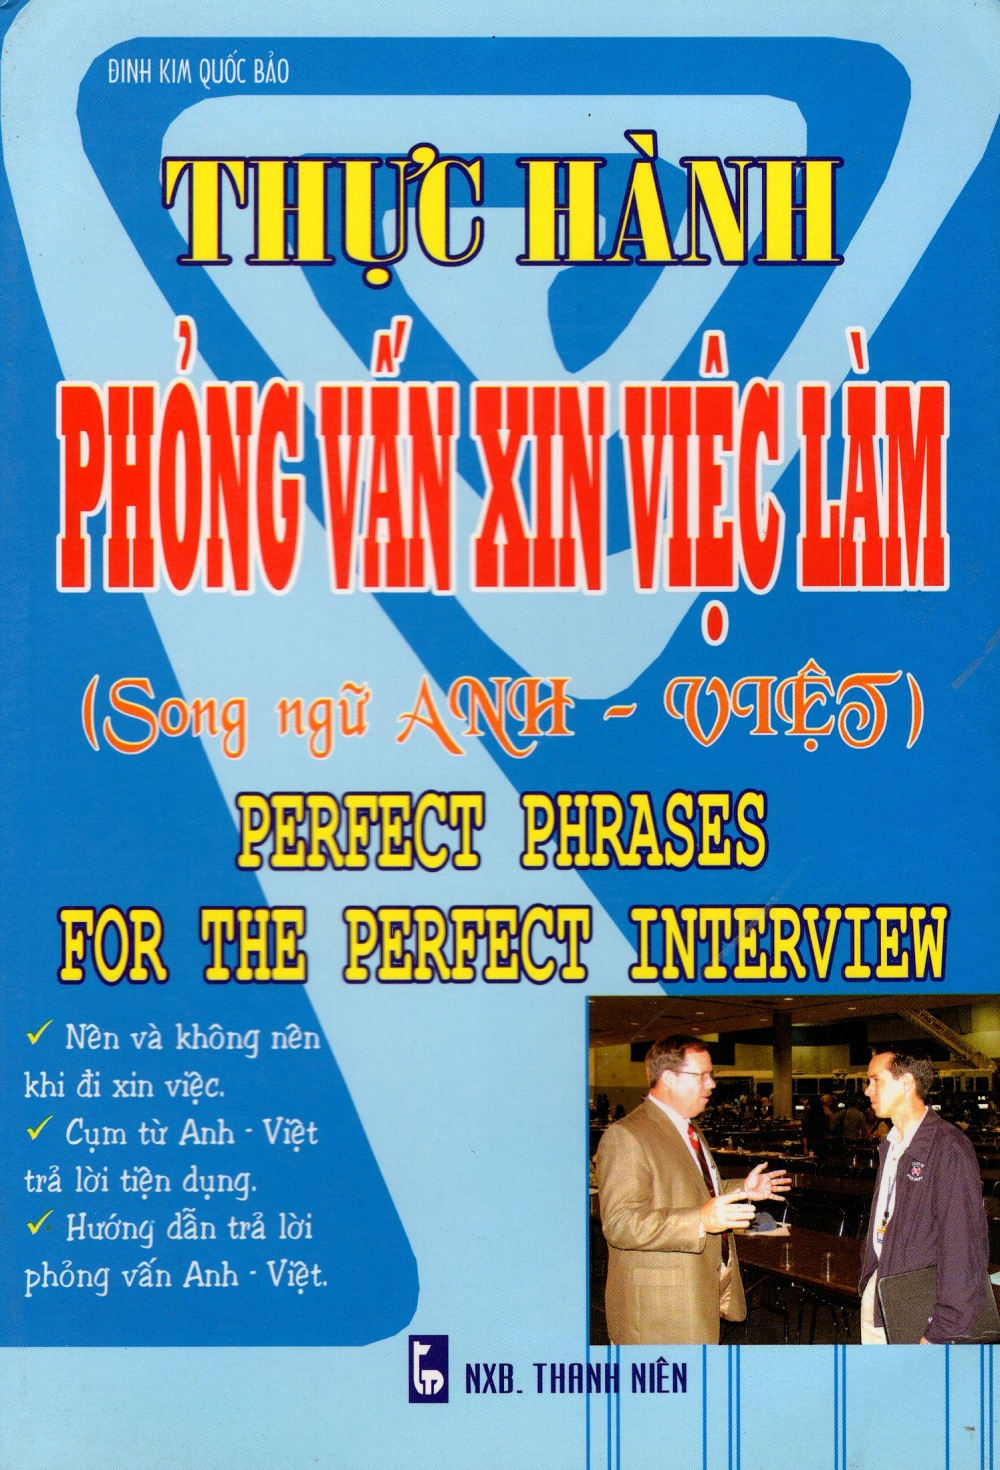 Bìa sách Thực Hành Phỏng Vấn Xin Việc Làm (Song Ngữ Anh - Việt)